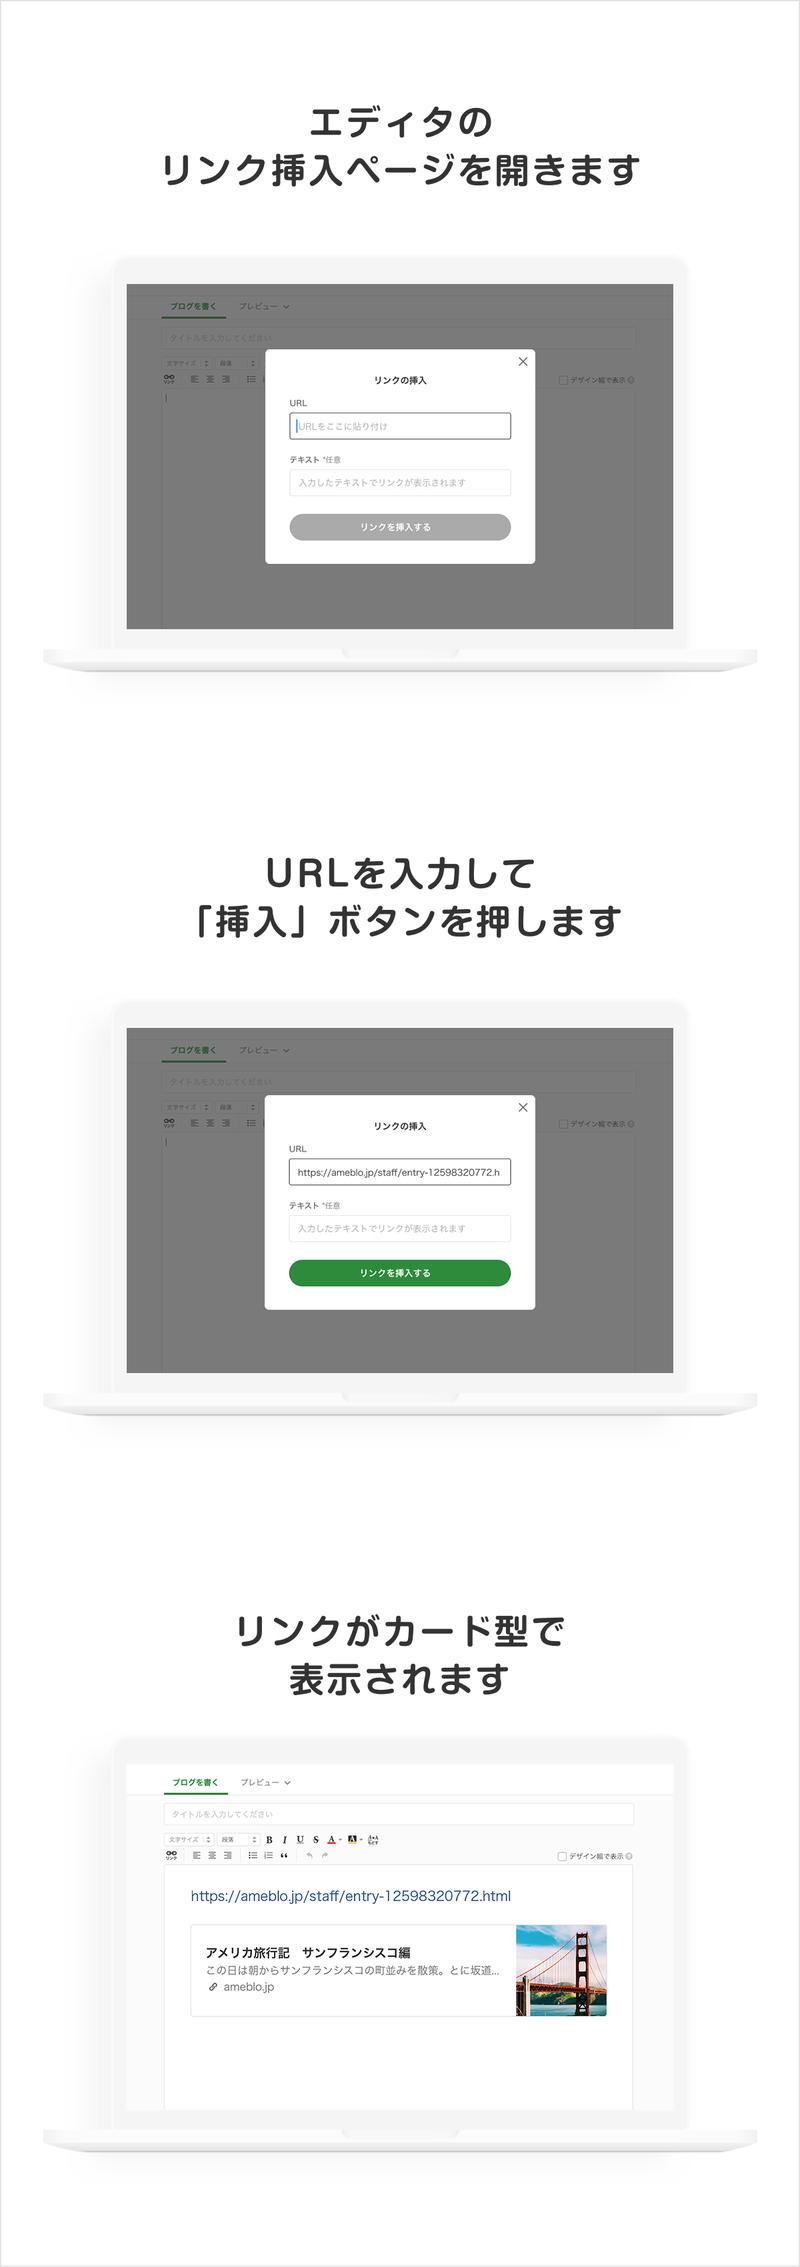 カード形式でのリンク先表示イメージ